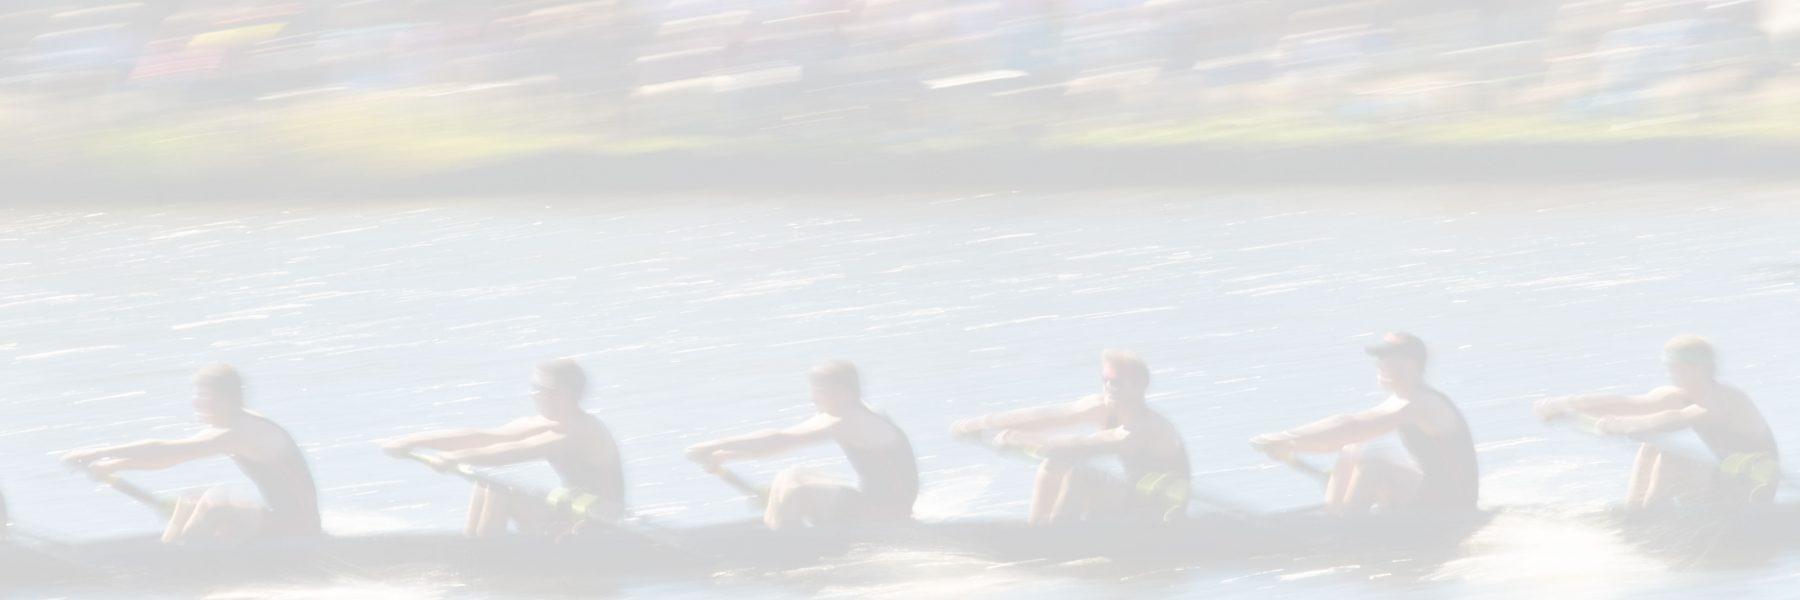 agidat-wer-wir-sind-ruderboot-ws